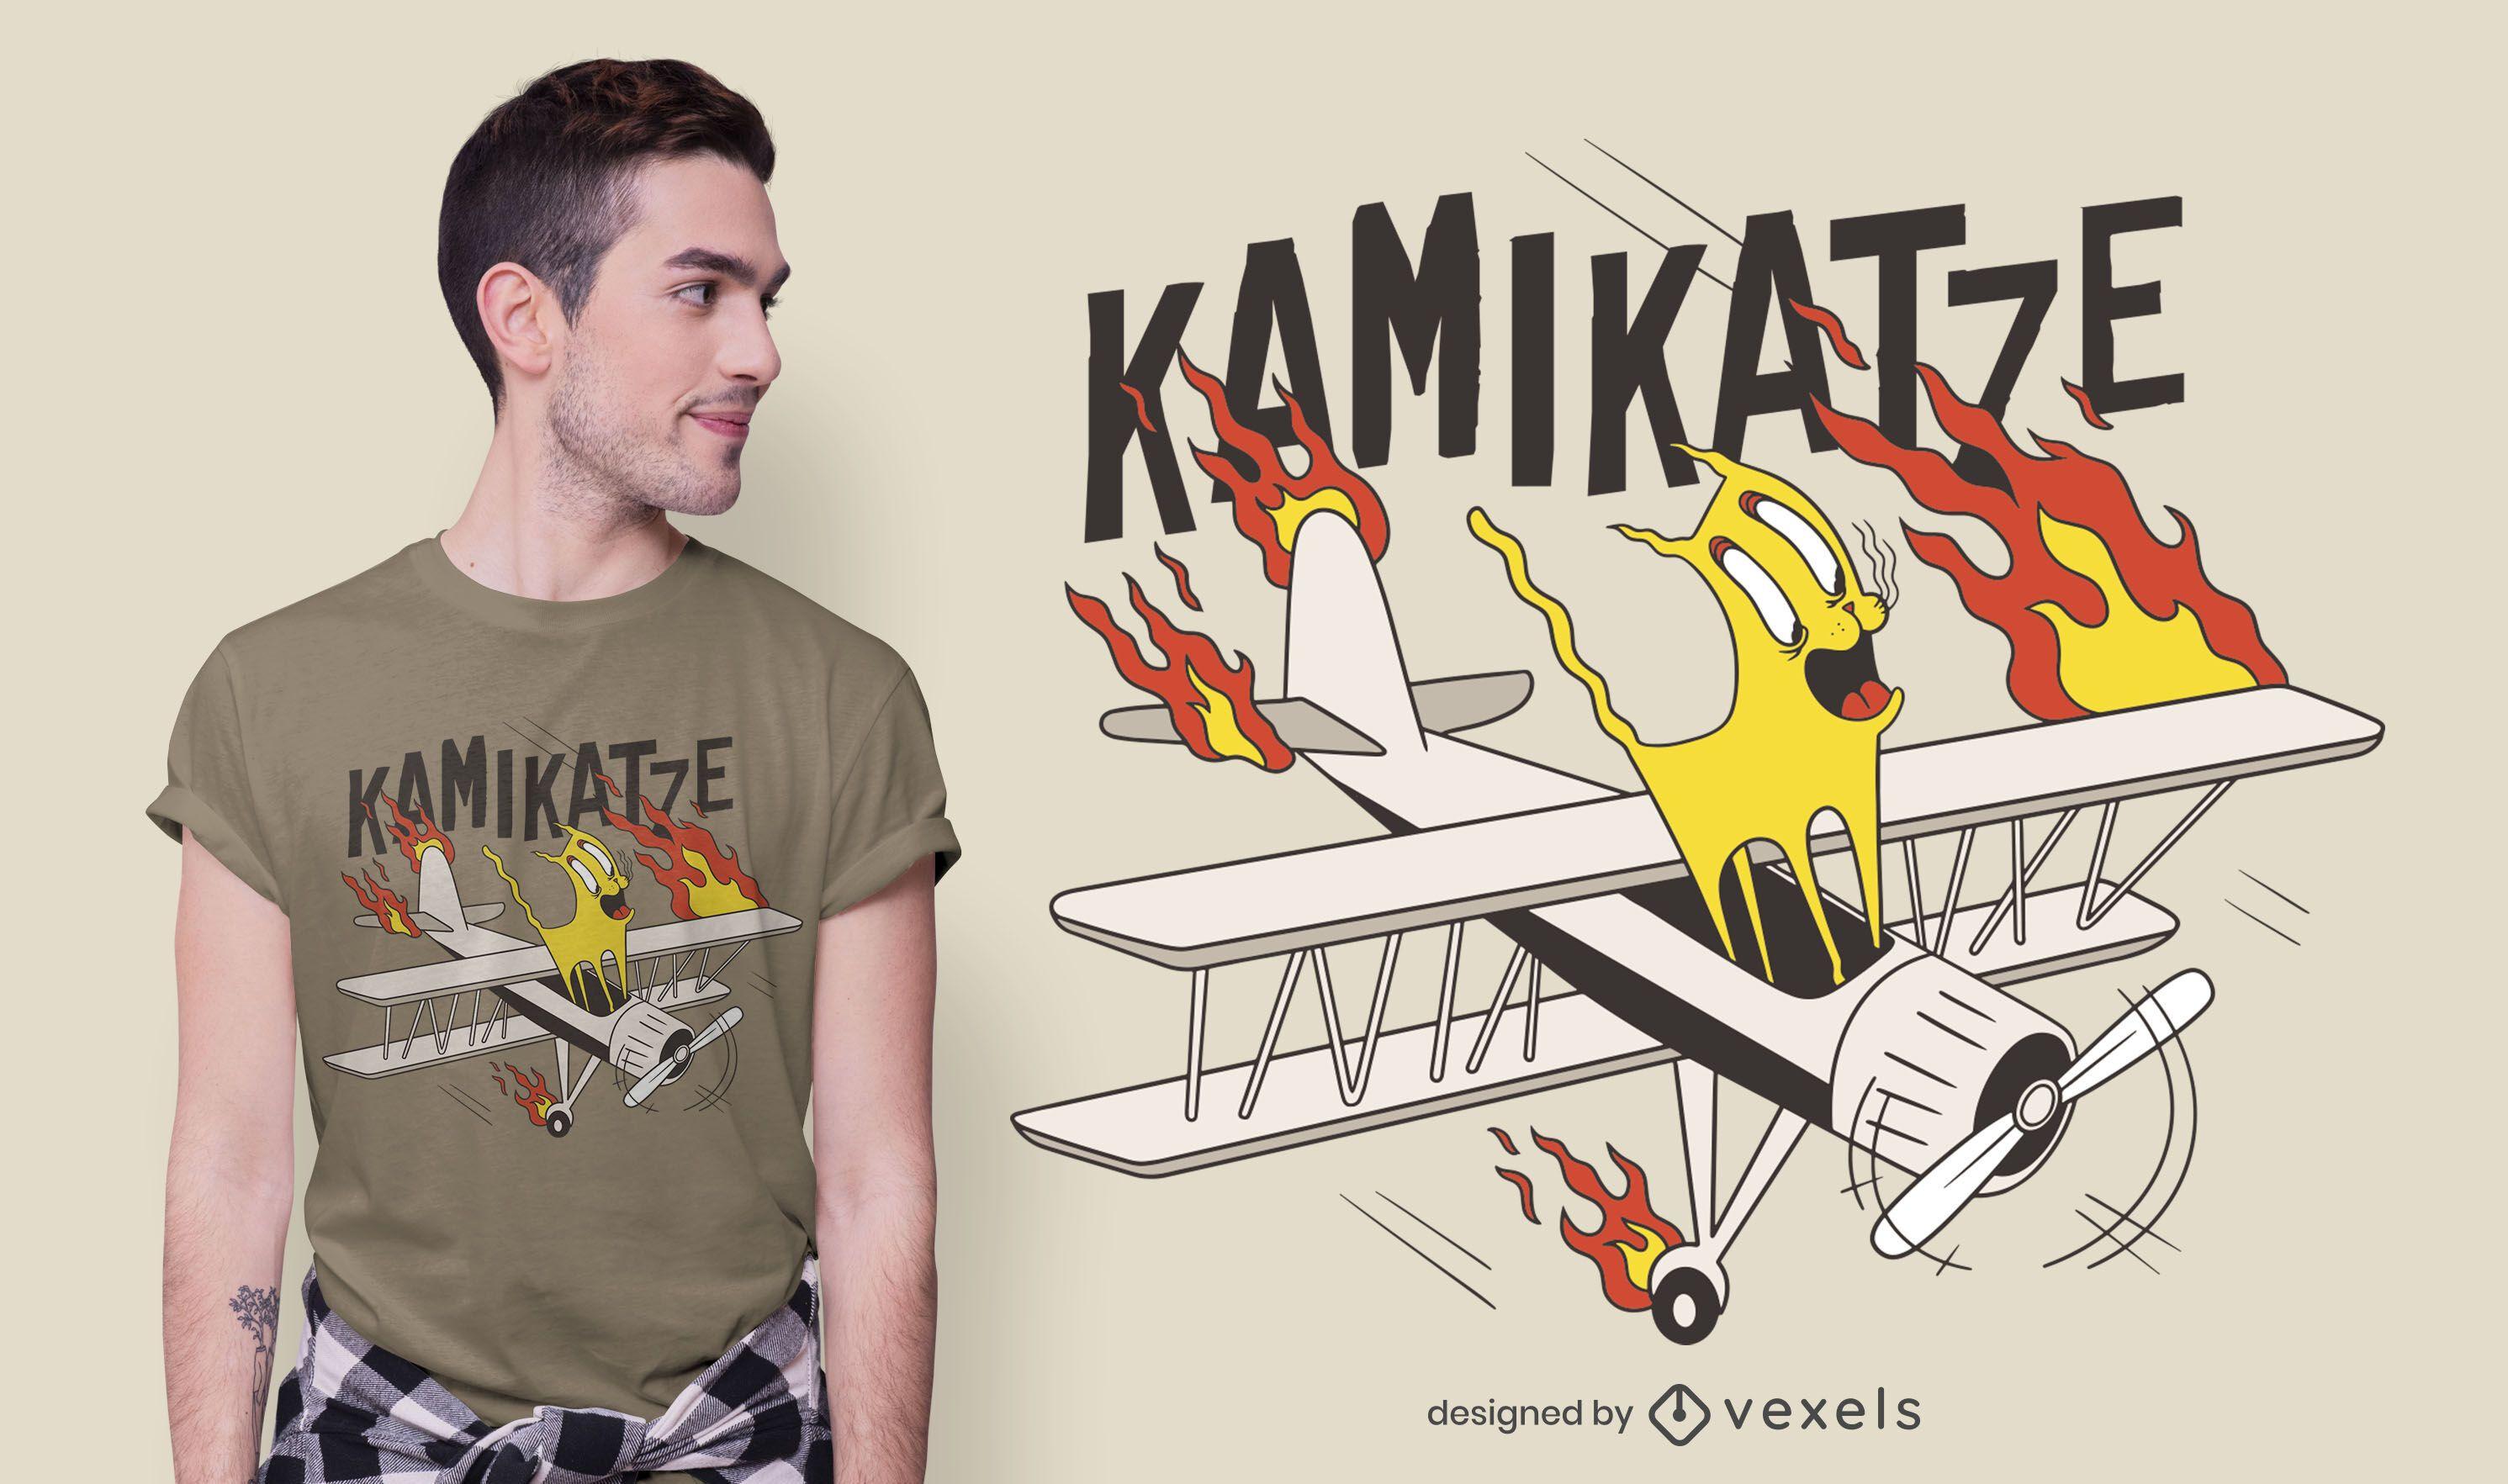 Dise?o de camiseta Kamikatze